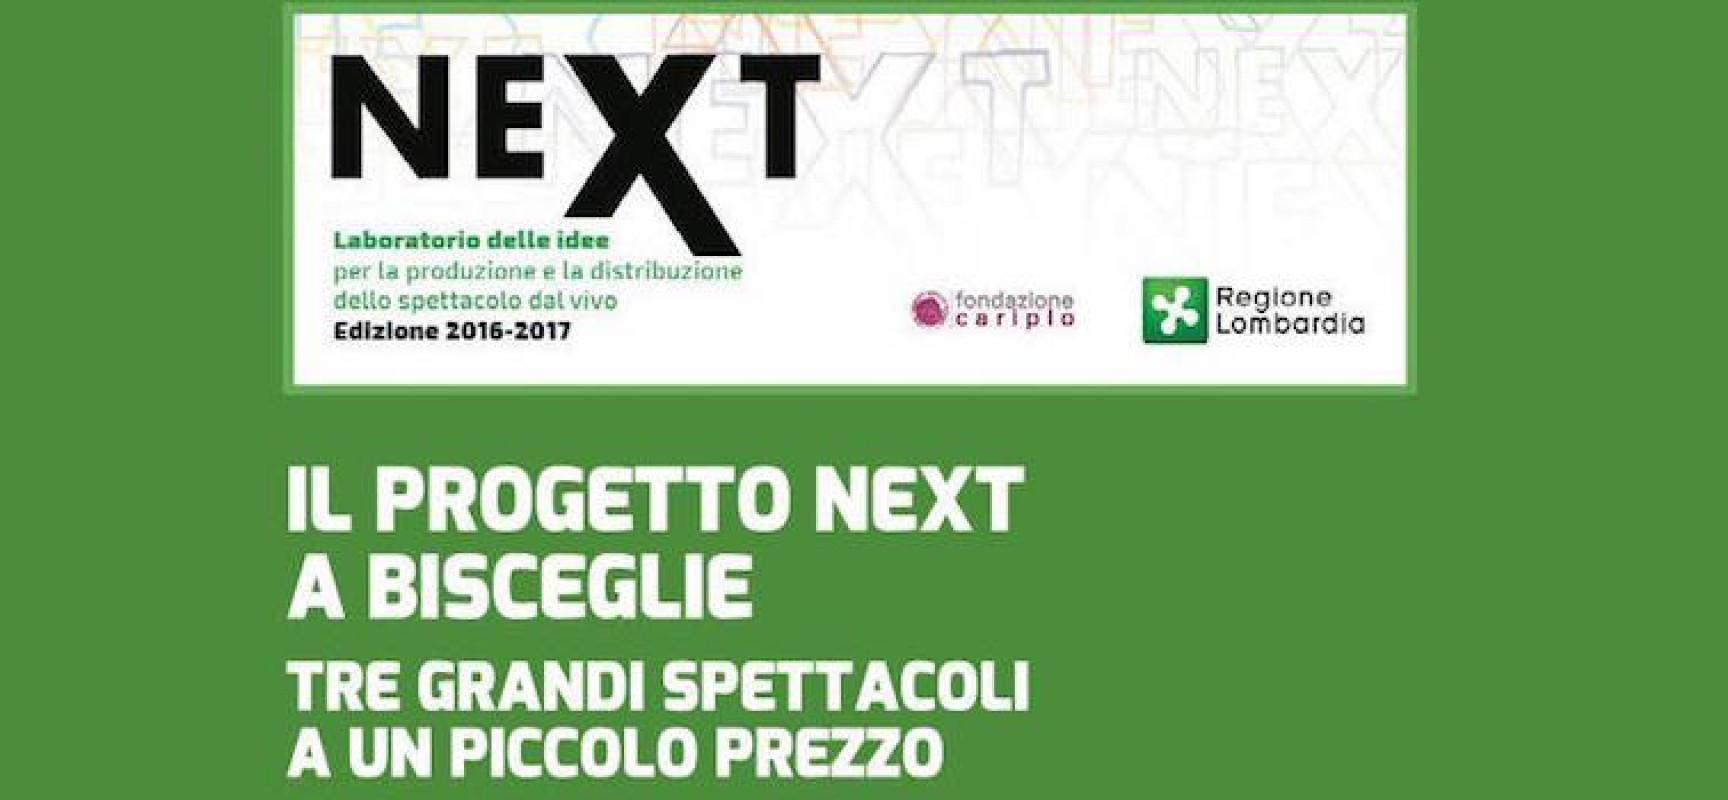 Progetto Next, tre spettacoli a prezzo speciale al Garibaldi per promuovere nuove compagnie